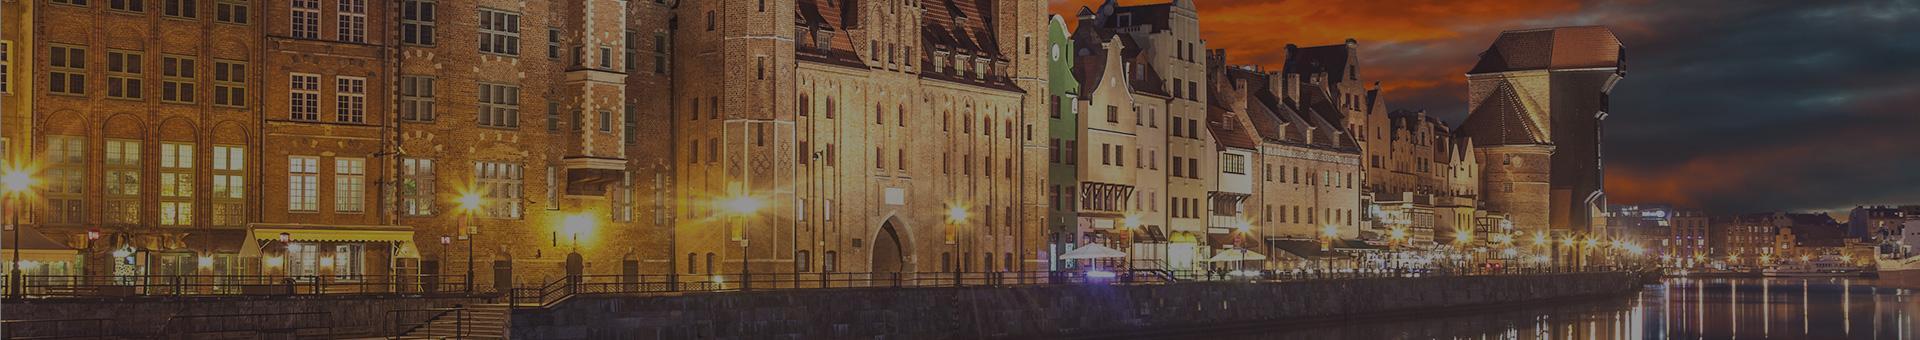 rynek miasta